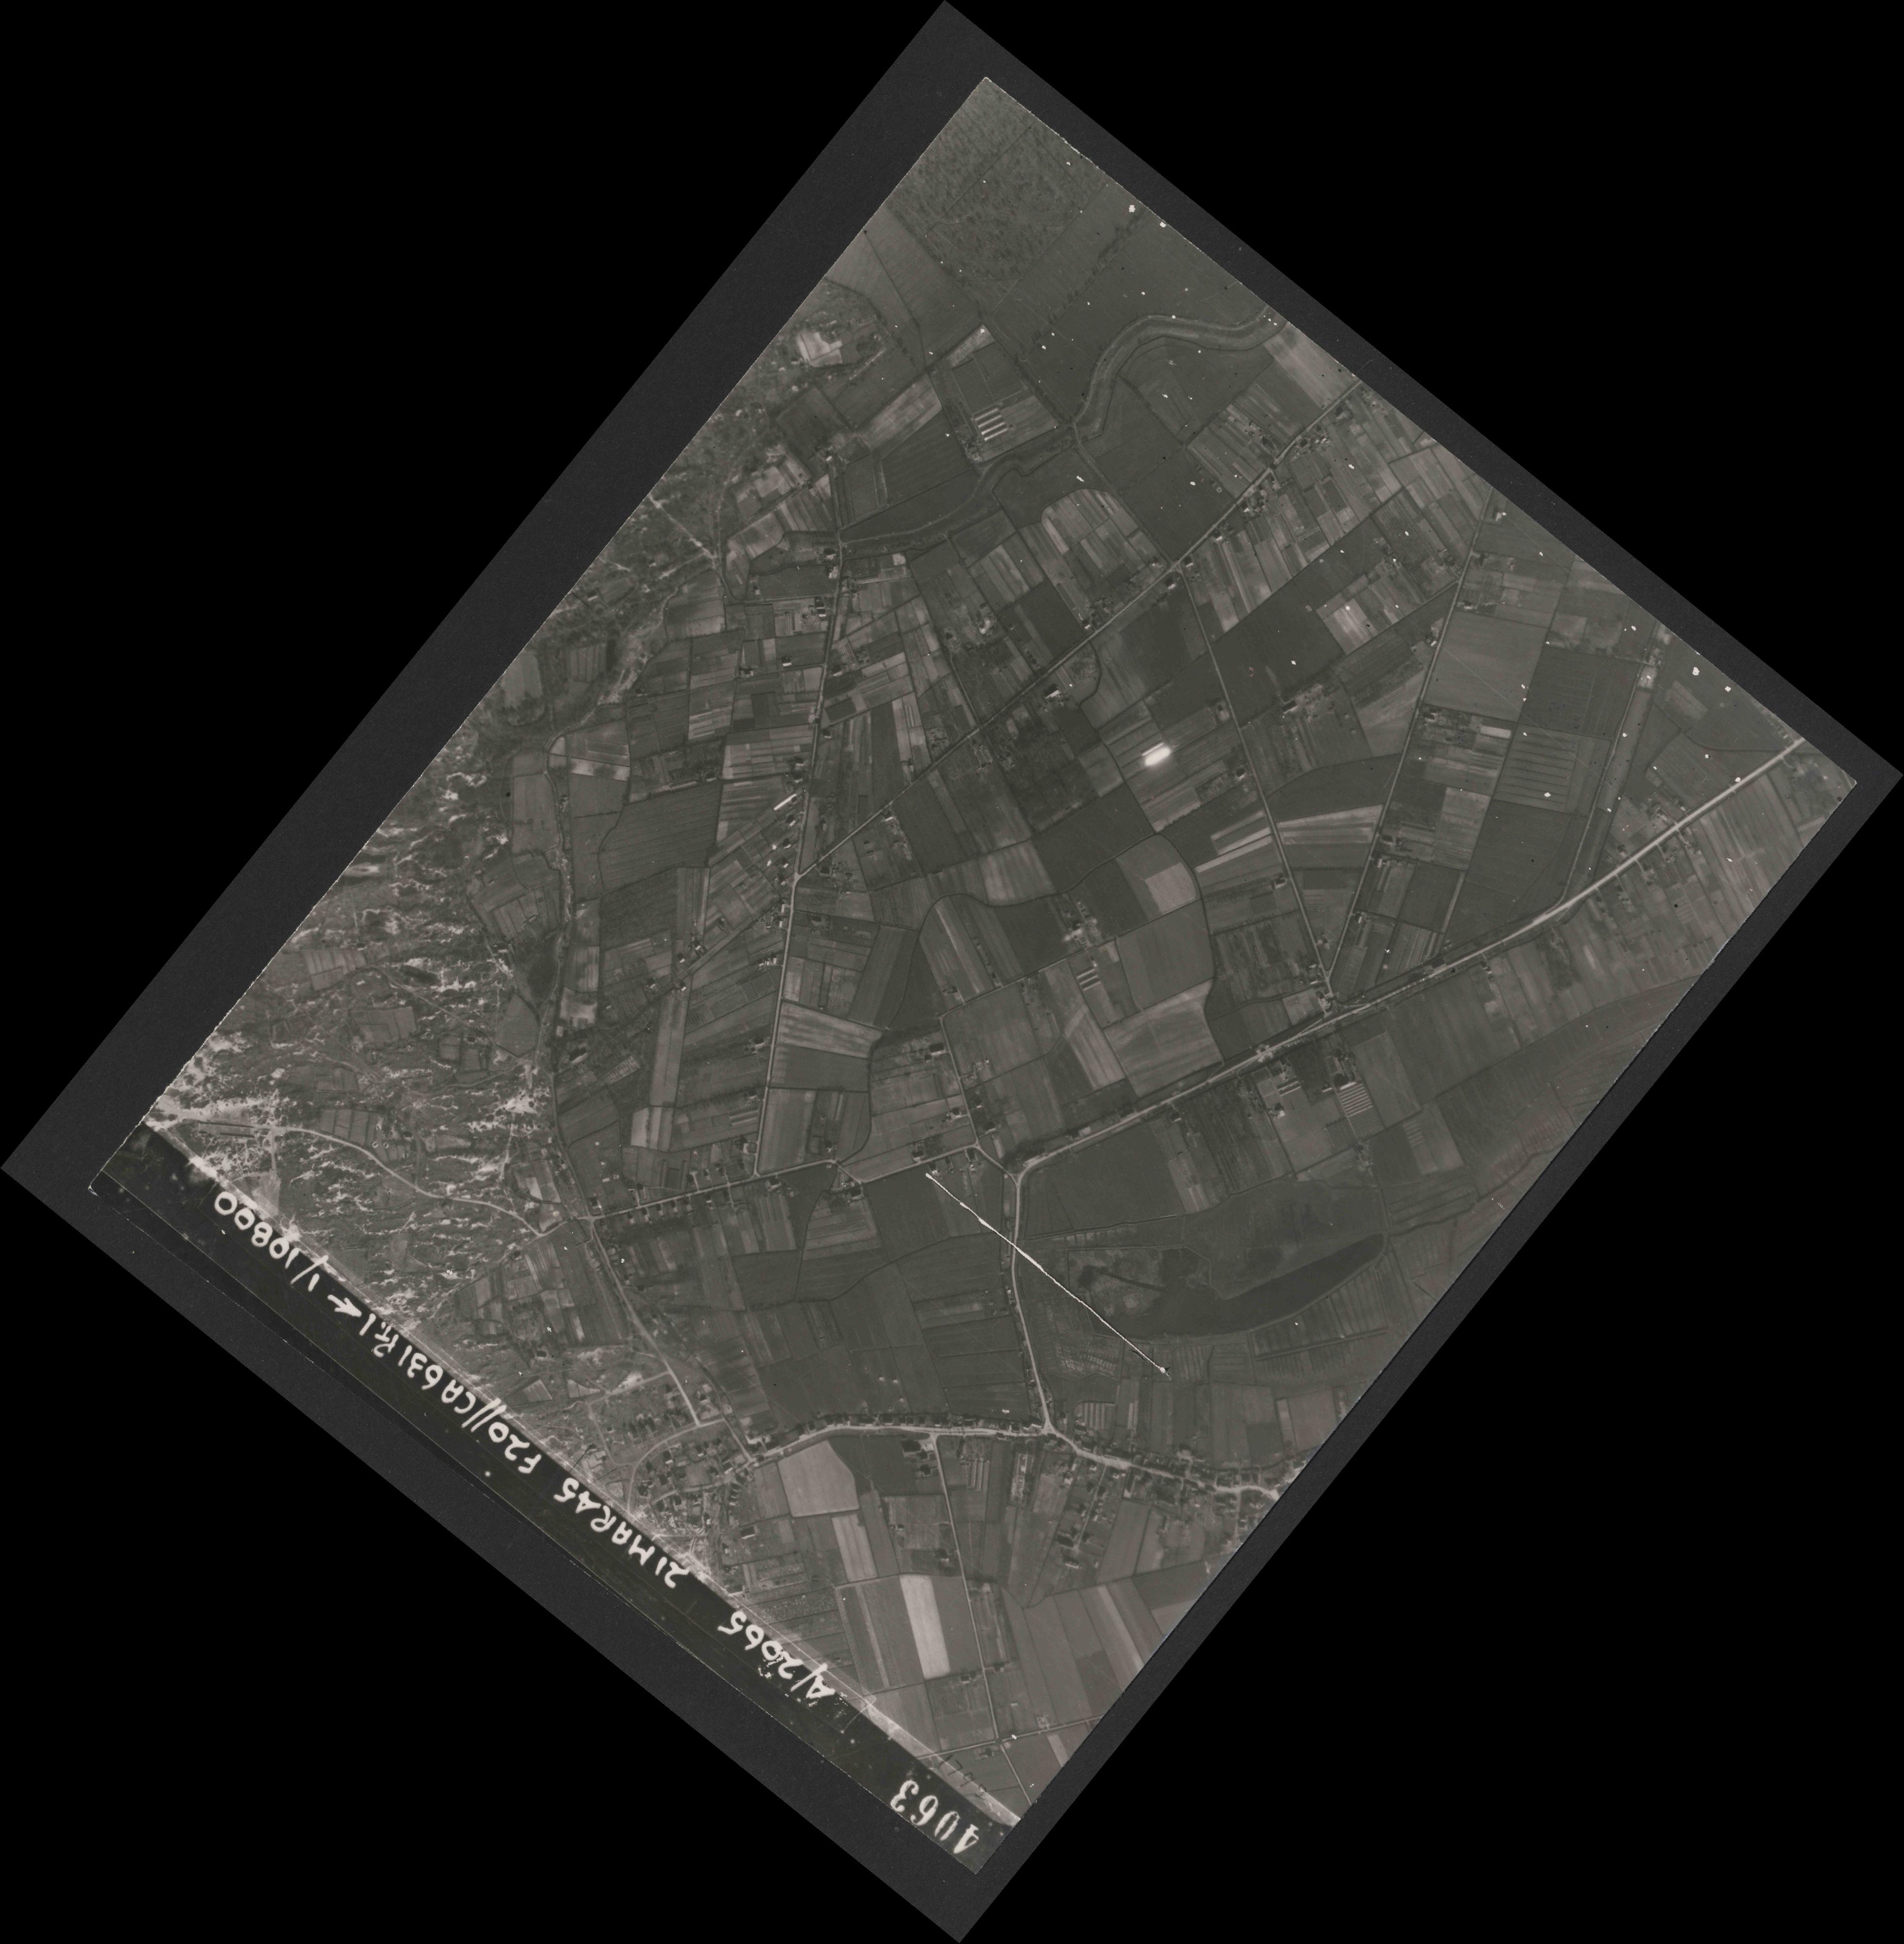 Collection RAF aerial photos 1940-1945 - flight 308, run 02, photo 4063